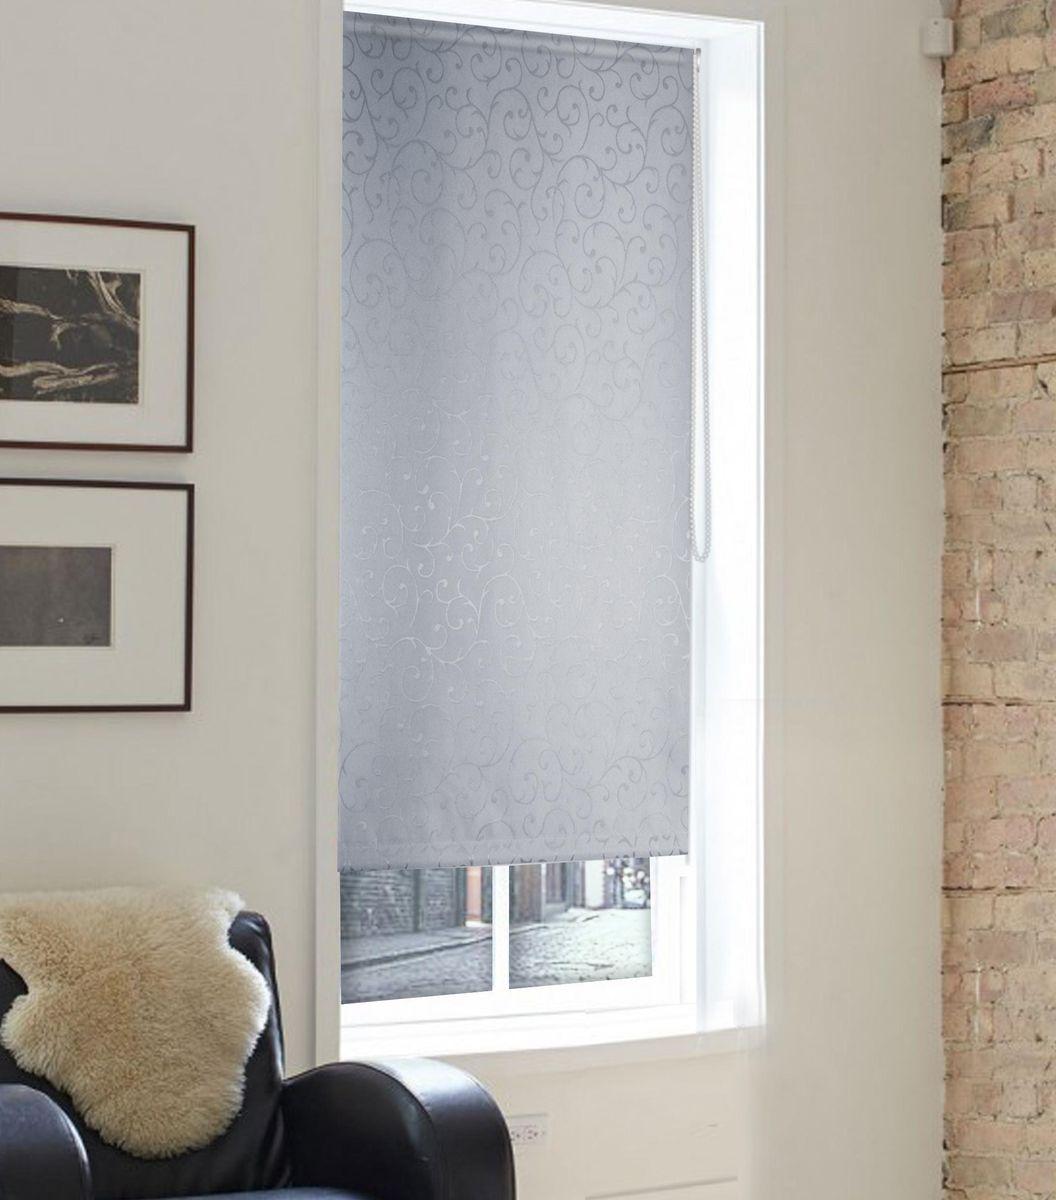 Штора рулонная Эскар Агат, цвет: серый, ширина 160 см, высота 160 см87022160160Рулонными шторами можно оформлять окна как самостоятельно, так и использовать в комбинации с портьерами. Это поможет предотвратить выгорание дорогой ткани на солнце и соединит функционал рулонных с красотой навесных.Преимущества применения рулонных штор для пластиковых окон:- имеют прекрасный внешний вид: многообразие и фактурность материала изделия отлично смотрятся в любом интерьере; - многофункциональны: есть возможность подобрать шторы способные эффективно защитить комнату от солнца, при этом она не будет слишком темной.- Есть возможность осуществить быстрый монтаж.ВНИМАНИЕ! Размеры ширины изделия указаны по ширине ткани!Во время эксплуатации не рекомендуется полностью разматывать рулон, чтобы не оторвать ткань от намоточного вала.В случае загрязнения поверхности ткани, чистку шторы проводят одним из способов, в зависимости от типа загрязнения: легкое поверхностное загрязнение можно удалить при помощи канцелярского ластика; чистка от пыли производится сухим методом при помощи пылесоса с мягкой щеткой-насадкой; для удаления пятна используйте мягкую губку с пенообразующим неагрессивным моющим средством или пятновыводитель на натуральной основе (нельзя применять растворители).